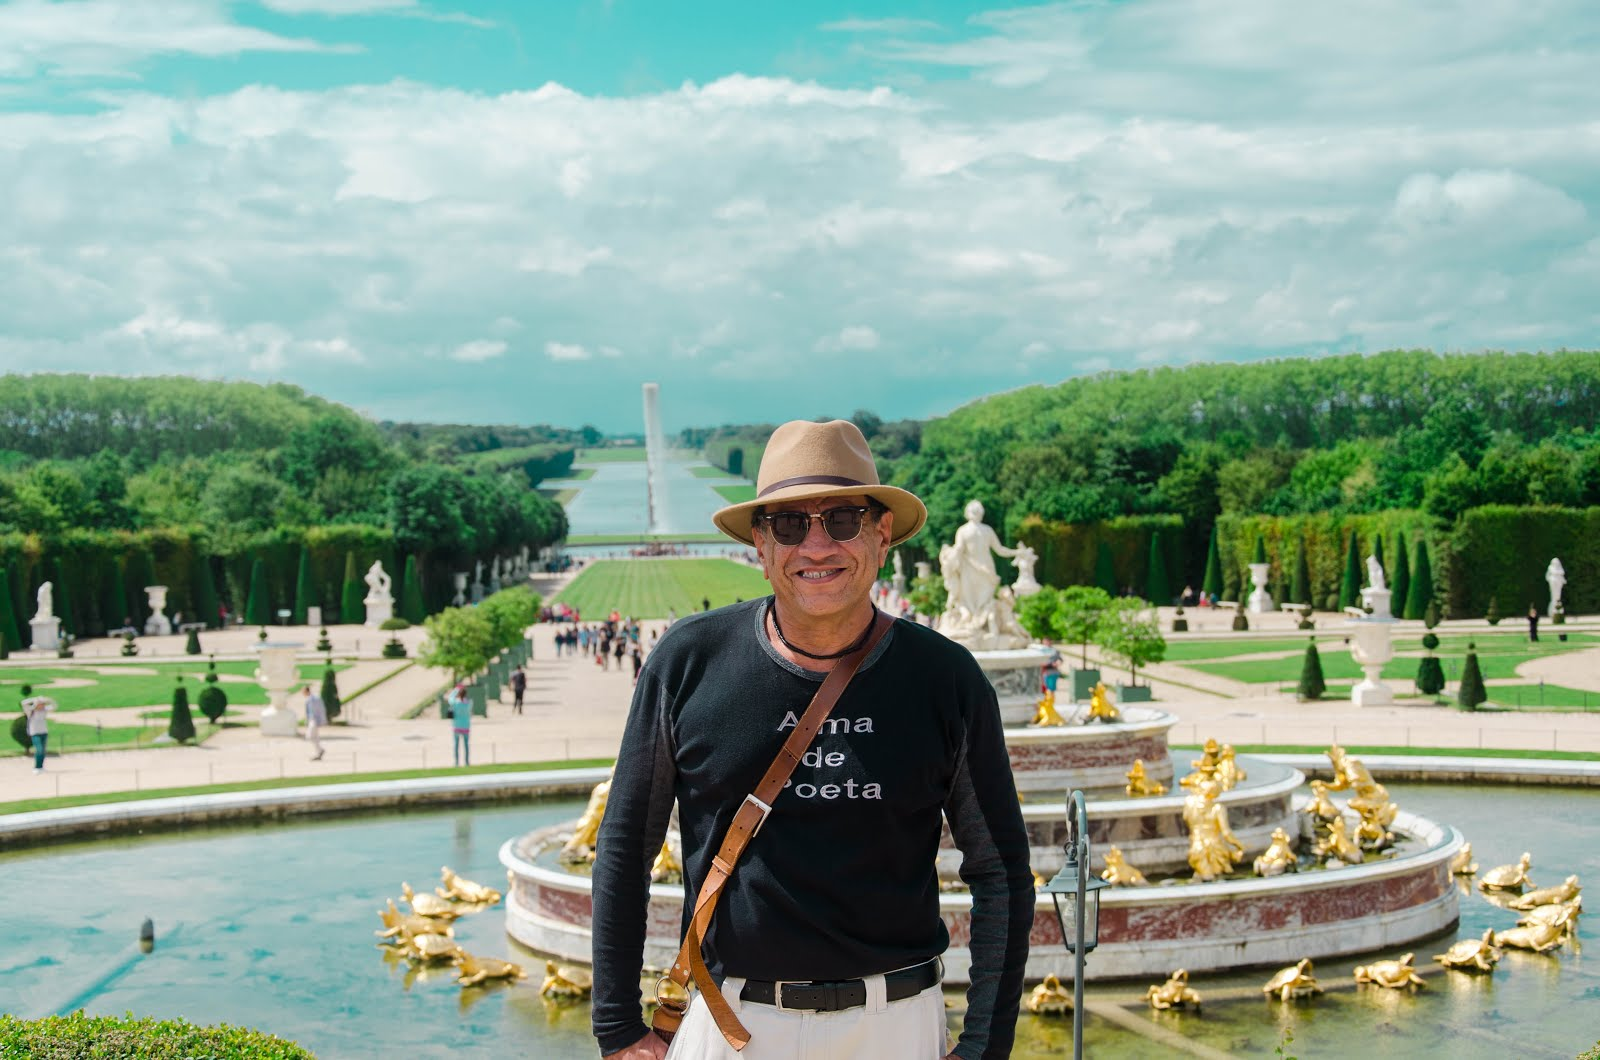 JARDIM DE VERSALHES - PARIS